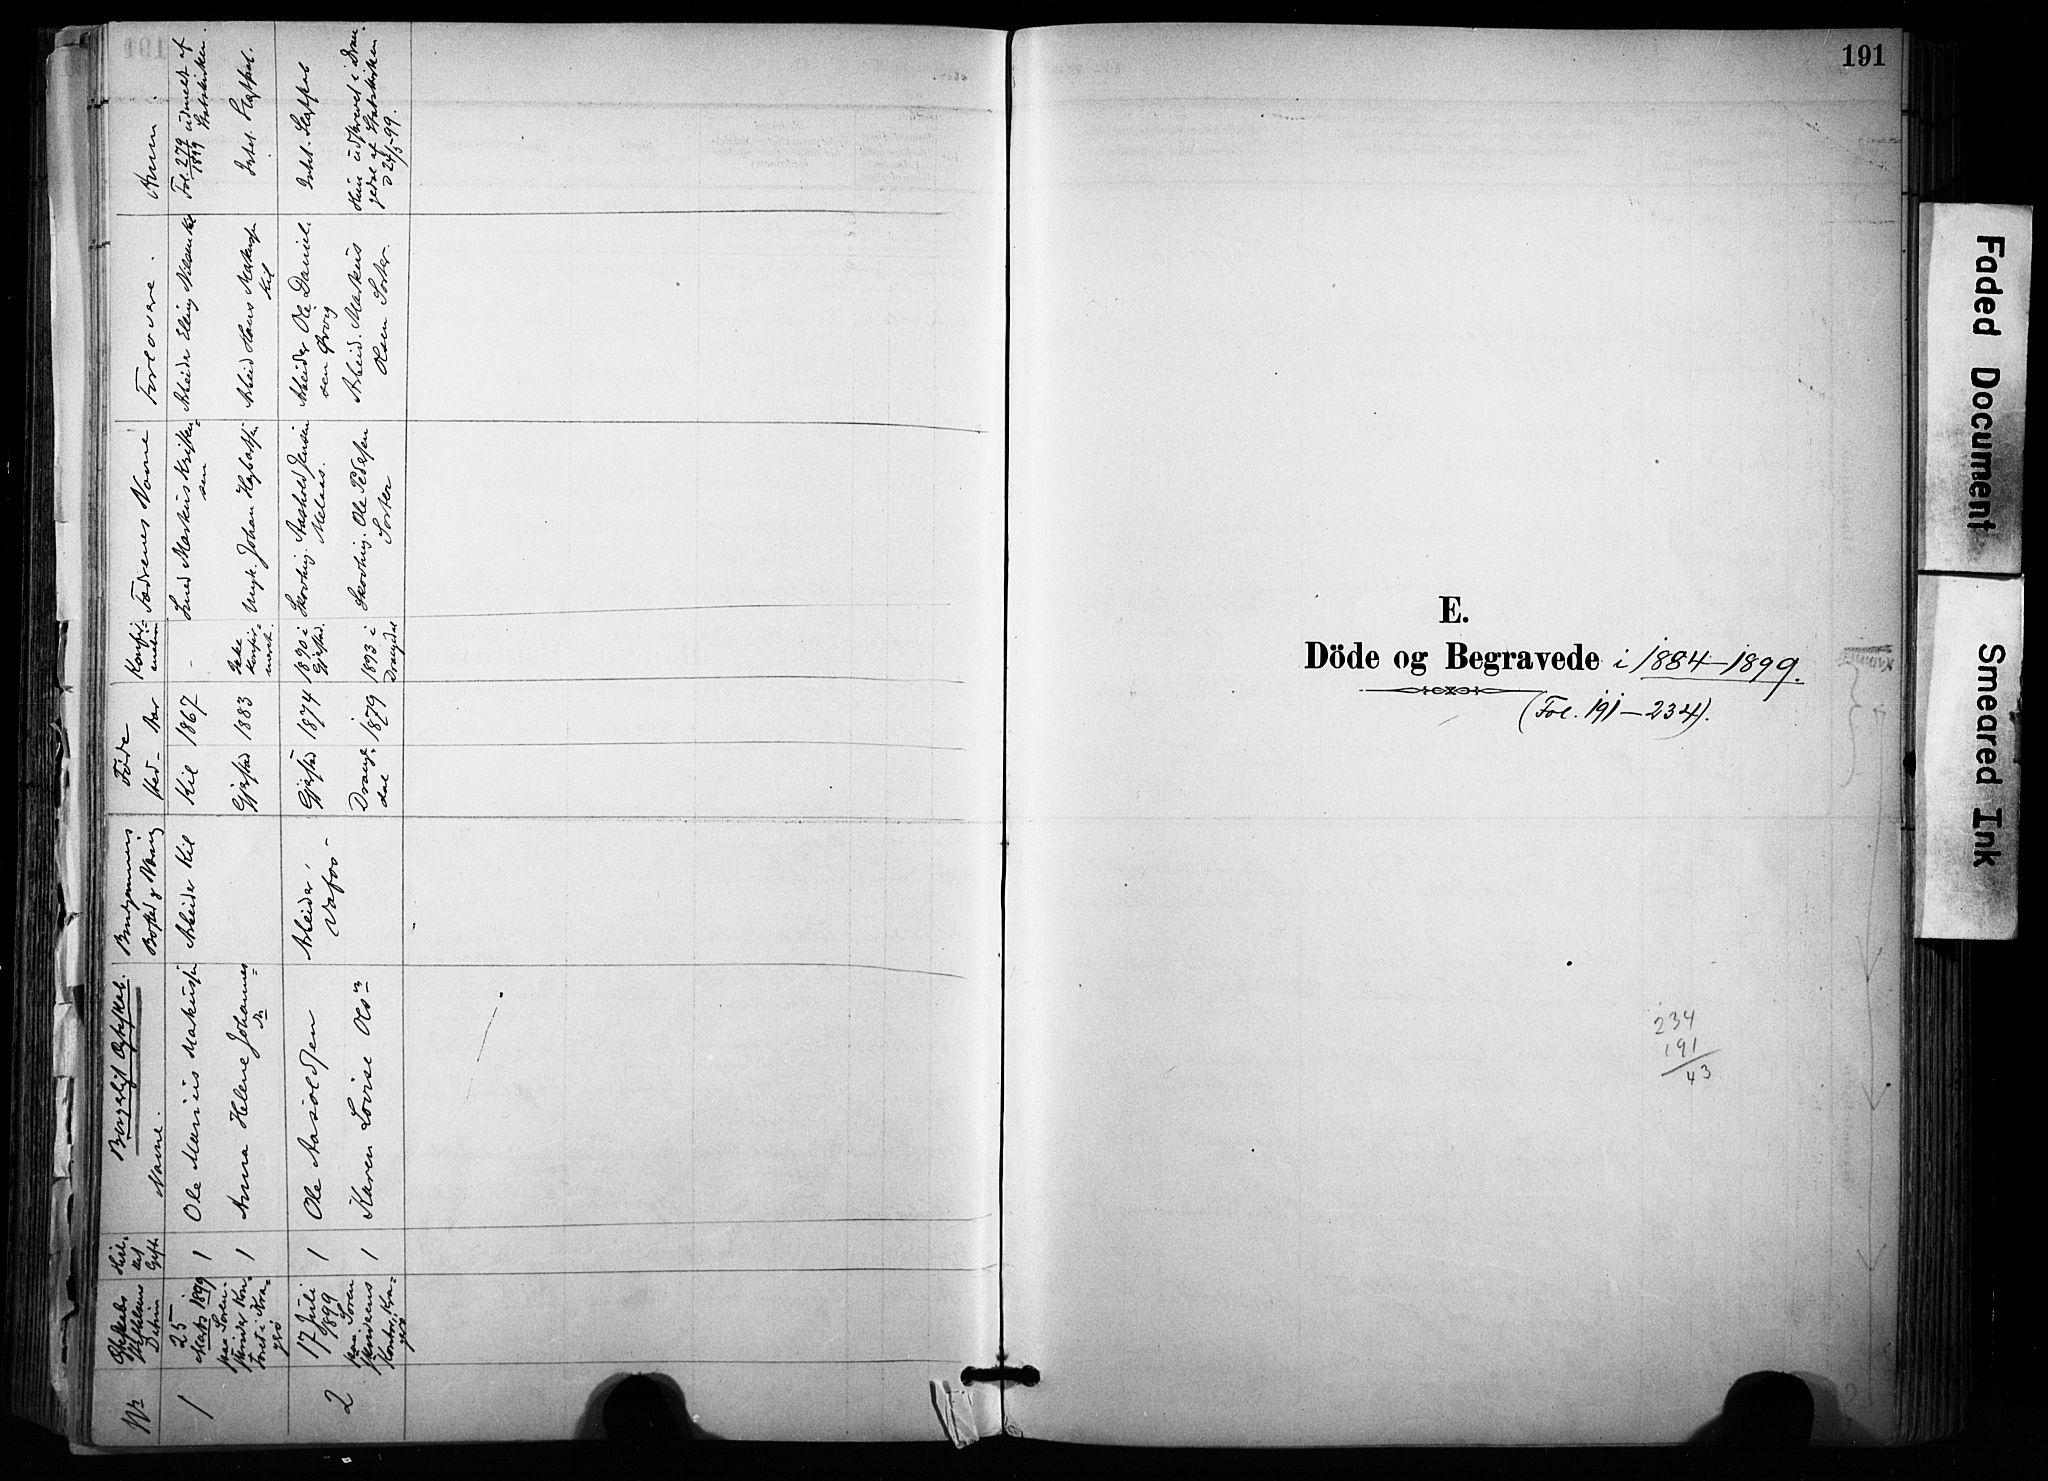 SAKO, Sannidal kirkebøker, F/Fa/L0015: Ministerialbok nr. 15, 1884-1899, s. 191